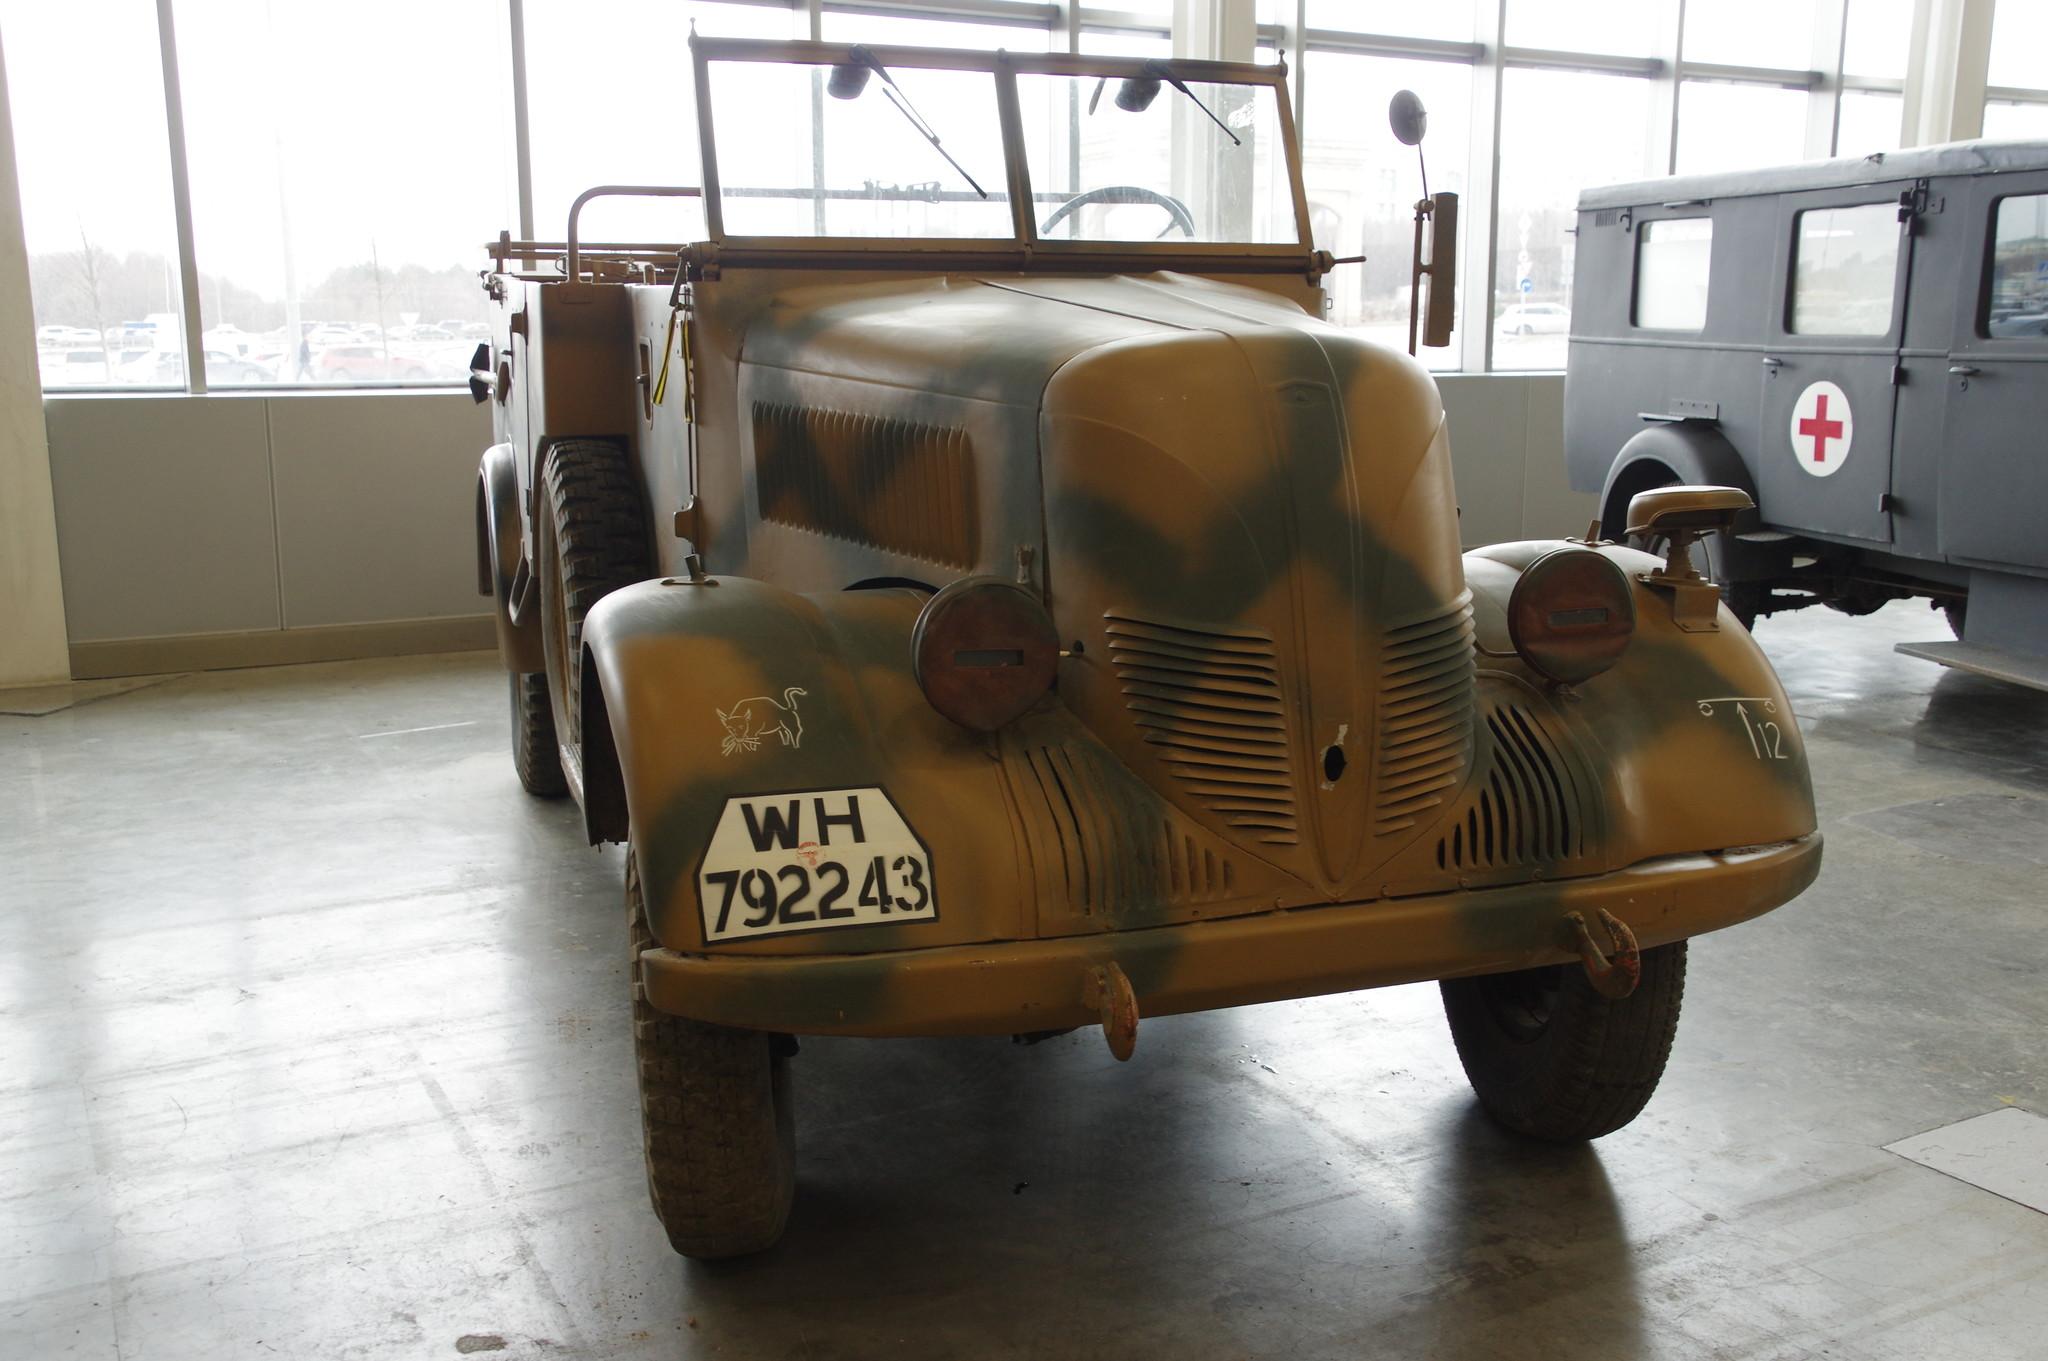 Командирский автомобиль Phänomen Granit 1500A Kfz.70 (Германия) на международной выставке исторической военной техники «Моторы войны» в МВЦ «Крокус Экспо»